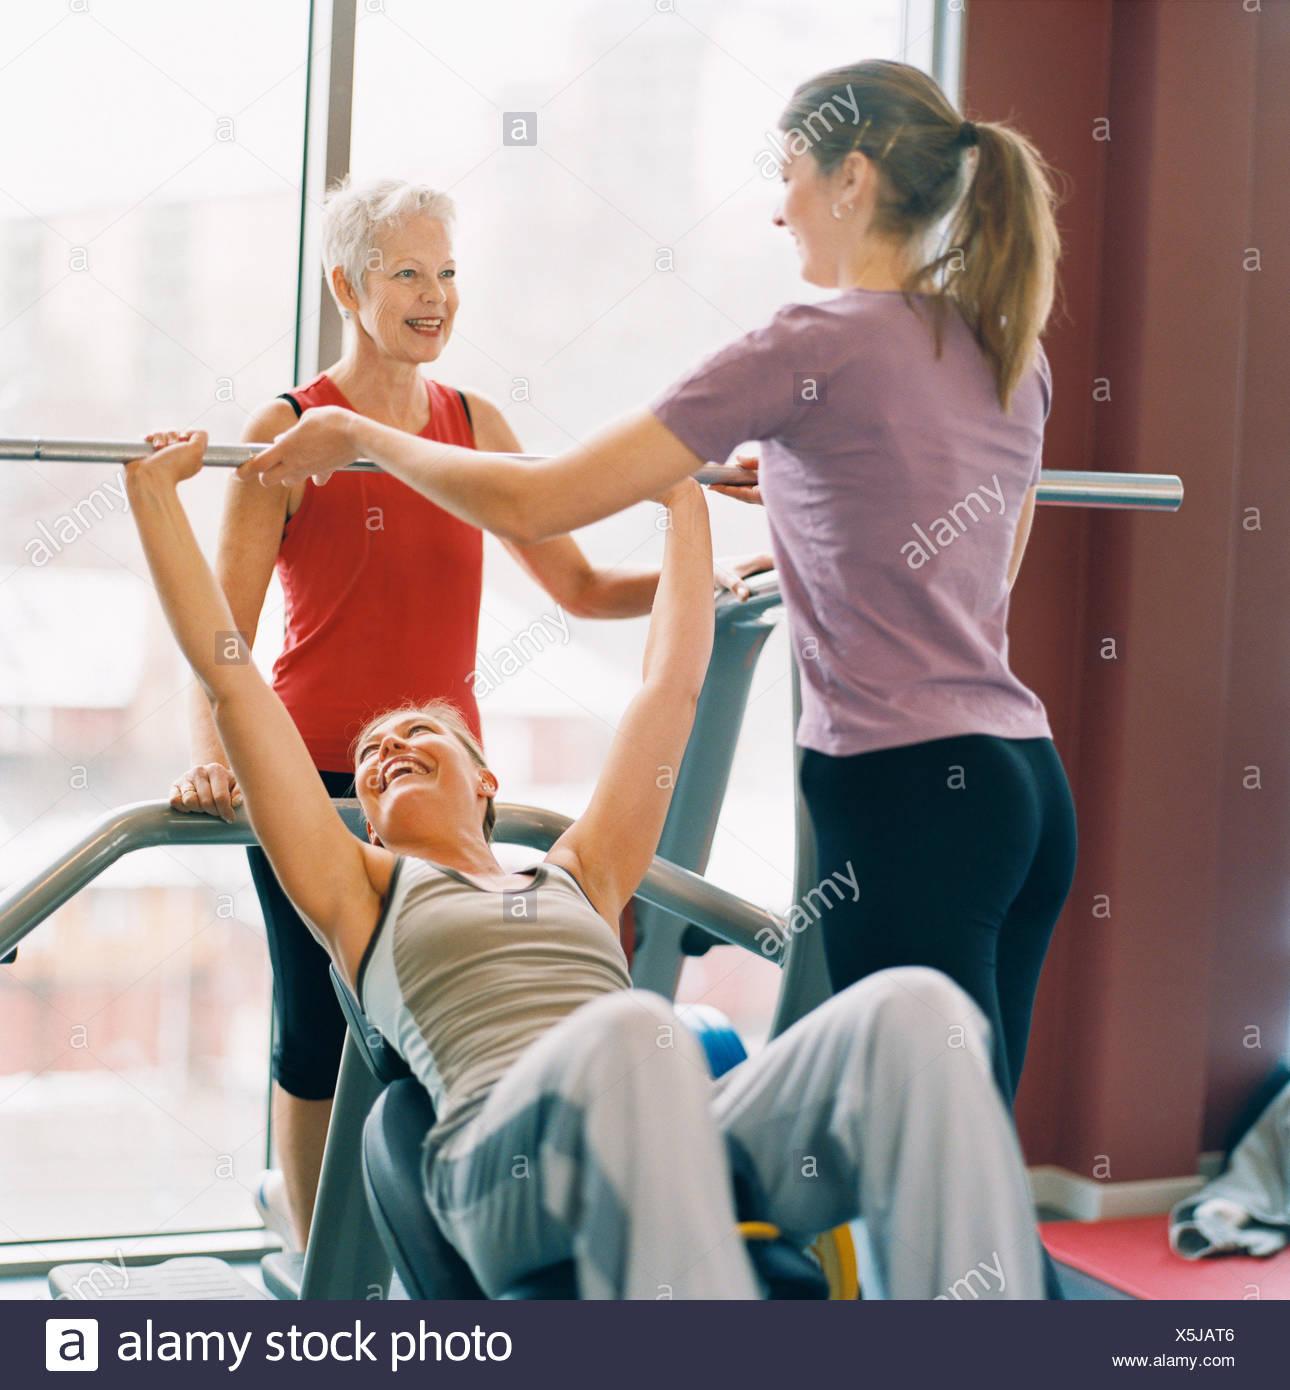 20-24 ans 70-74 ans 75-79 ans adultes activité seul athlète bodybuilding color image vieille femme aux cheveux gris et l'exercice Photo Stock